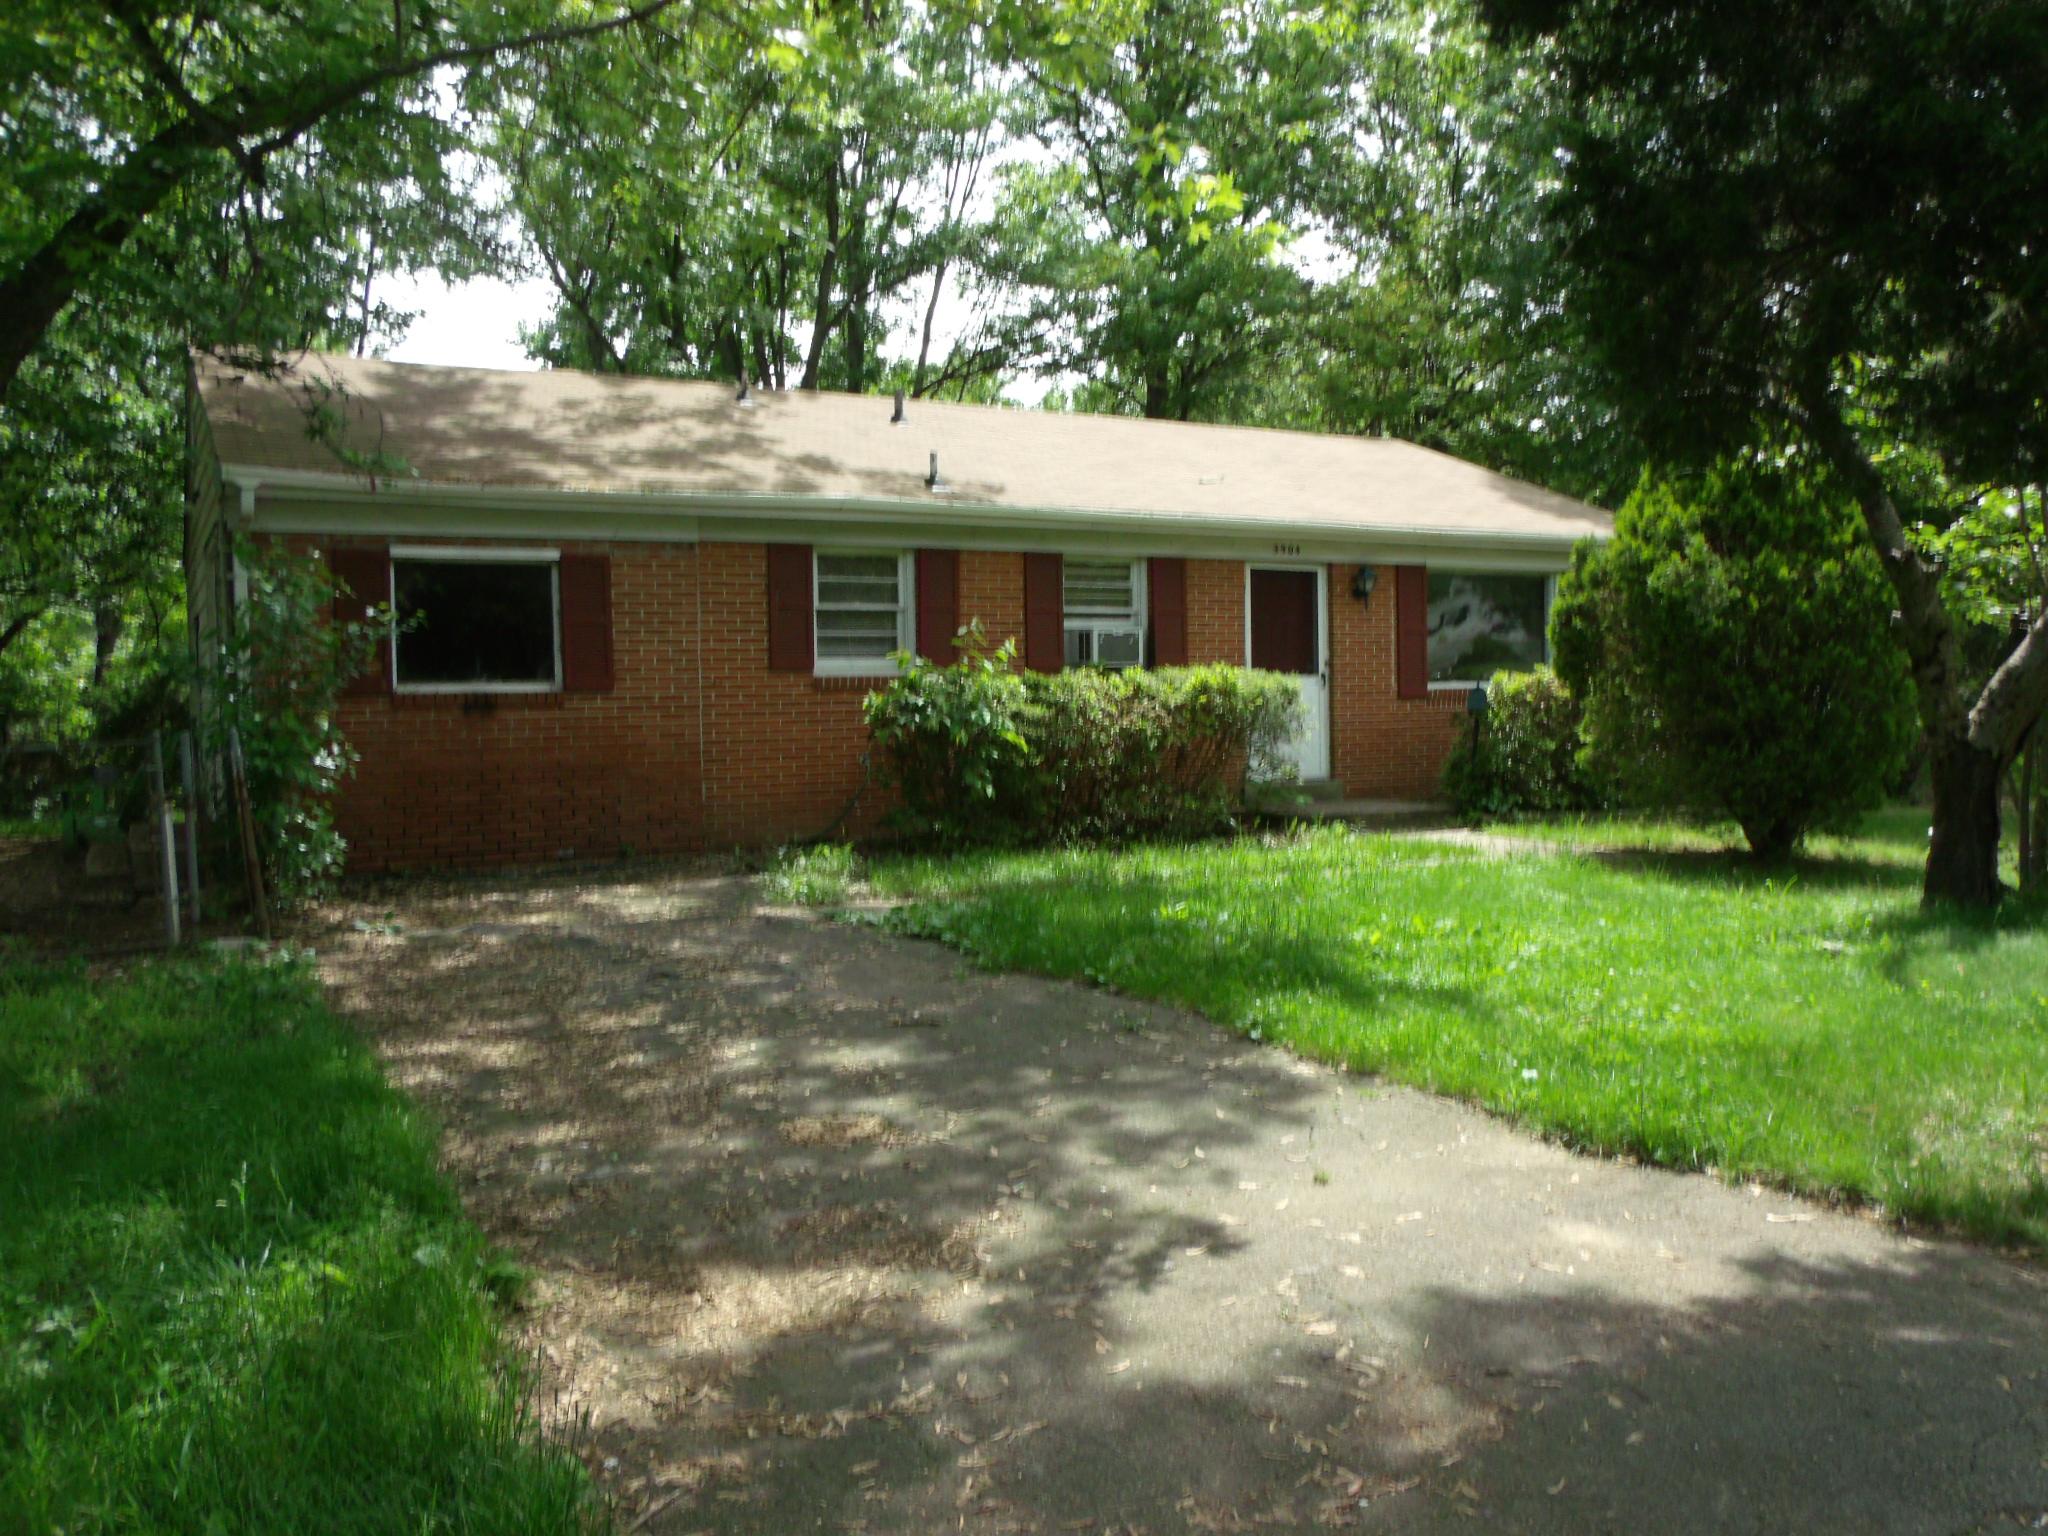 SuccessAmerica net - house for rent in Woodbridge, VA, USA